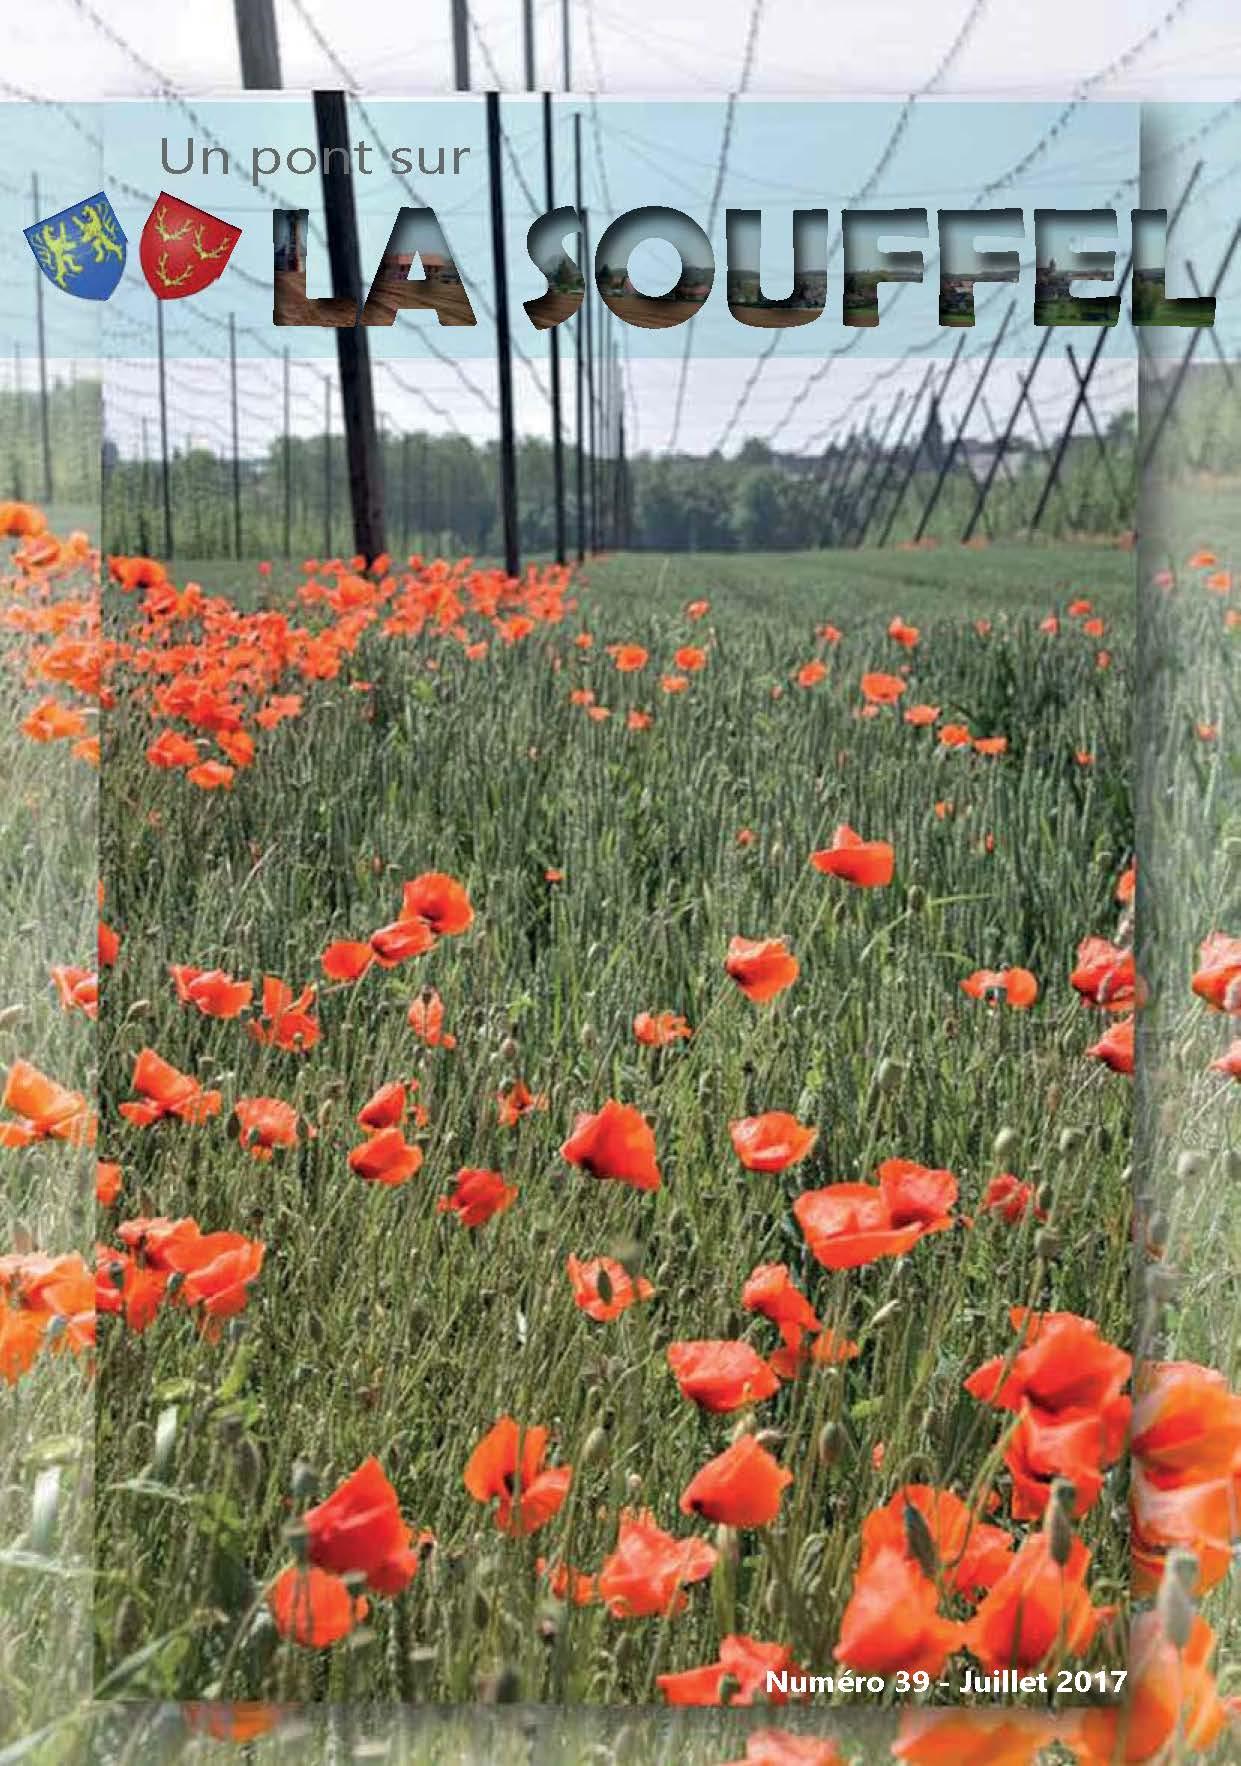 N°39 - Un Pont sur la Souffel - Juillet 2017